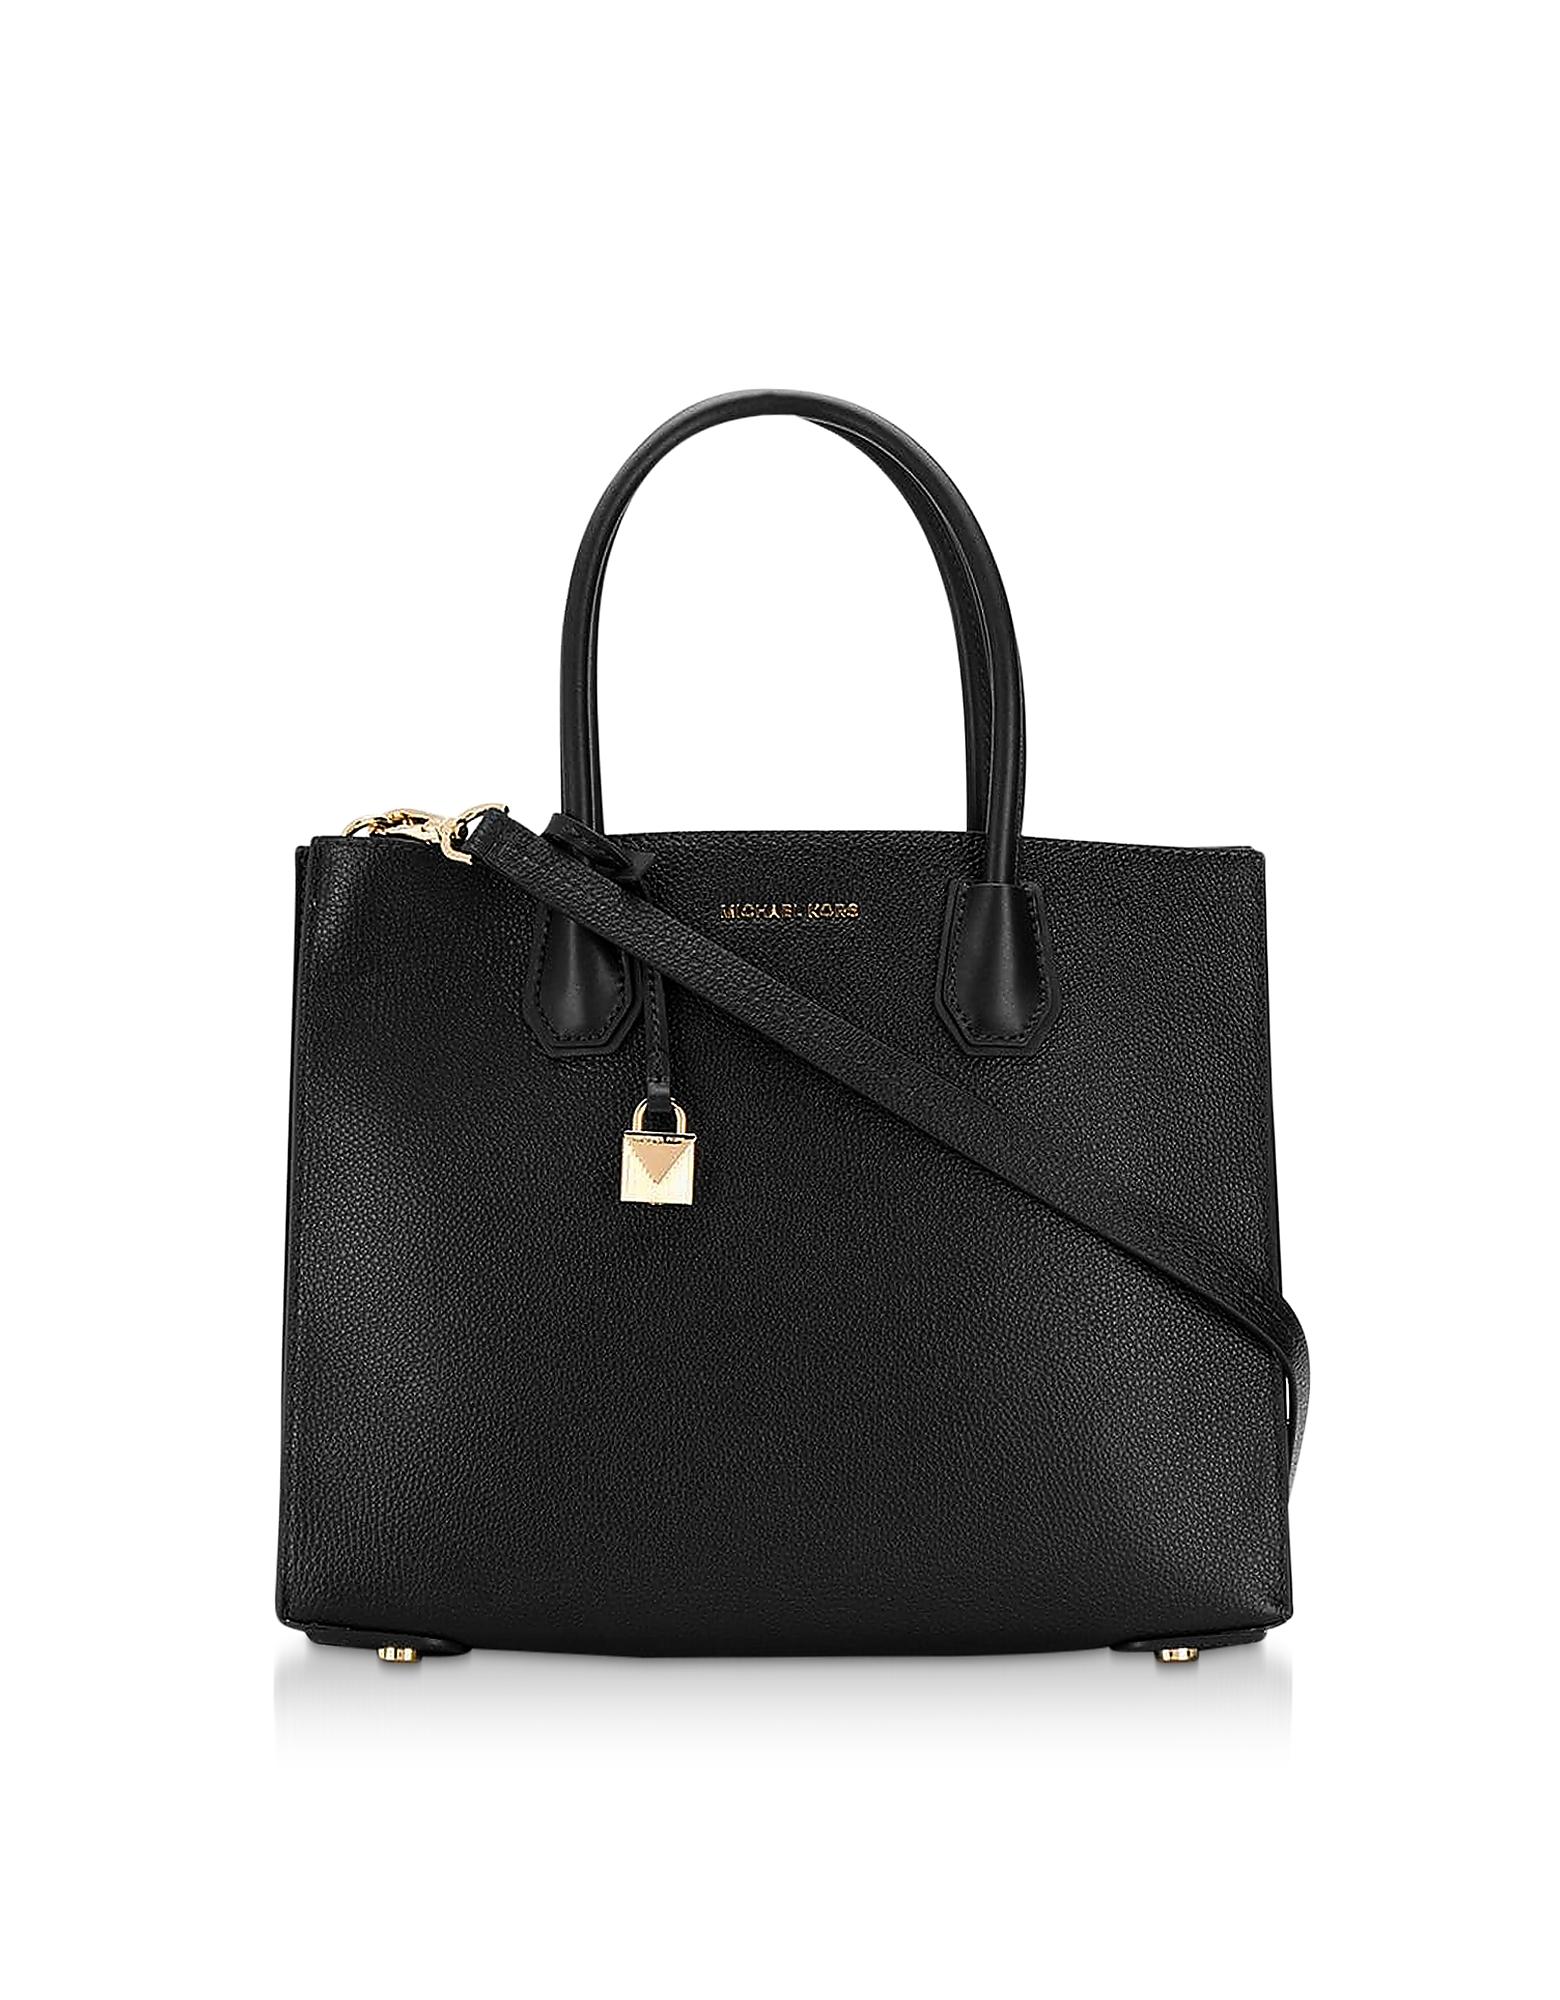 Mercer Large Convertible Tote Bag